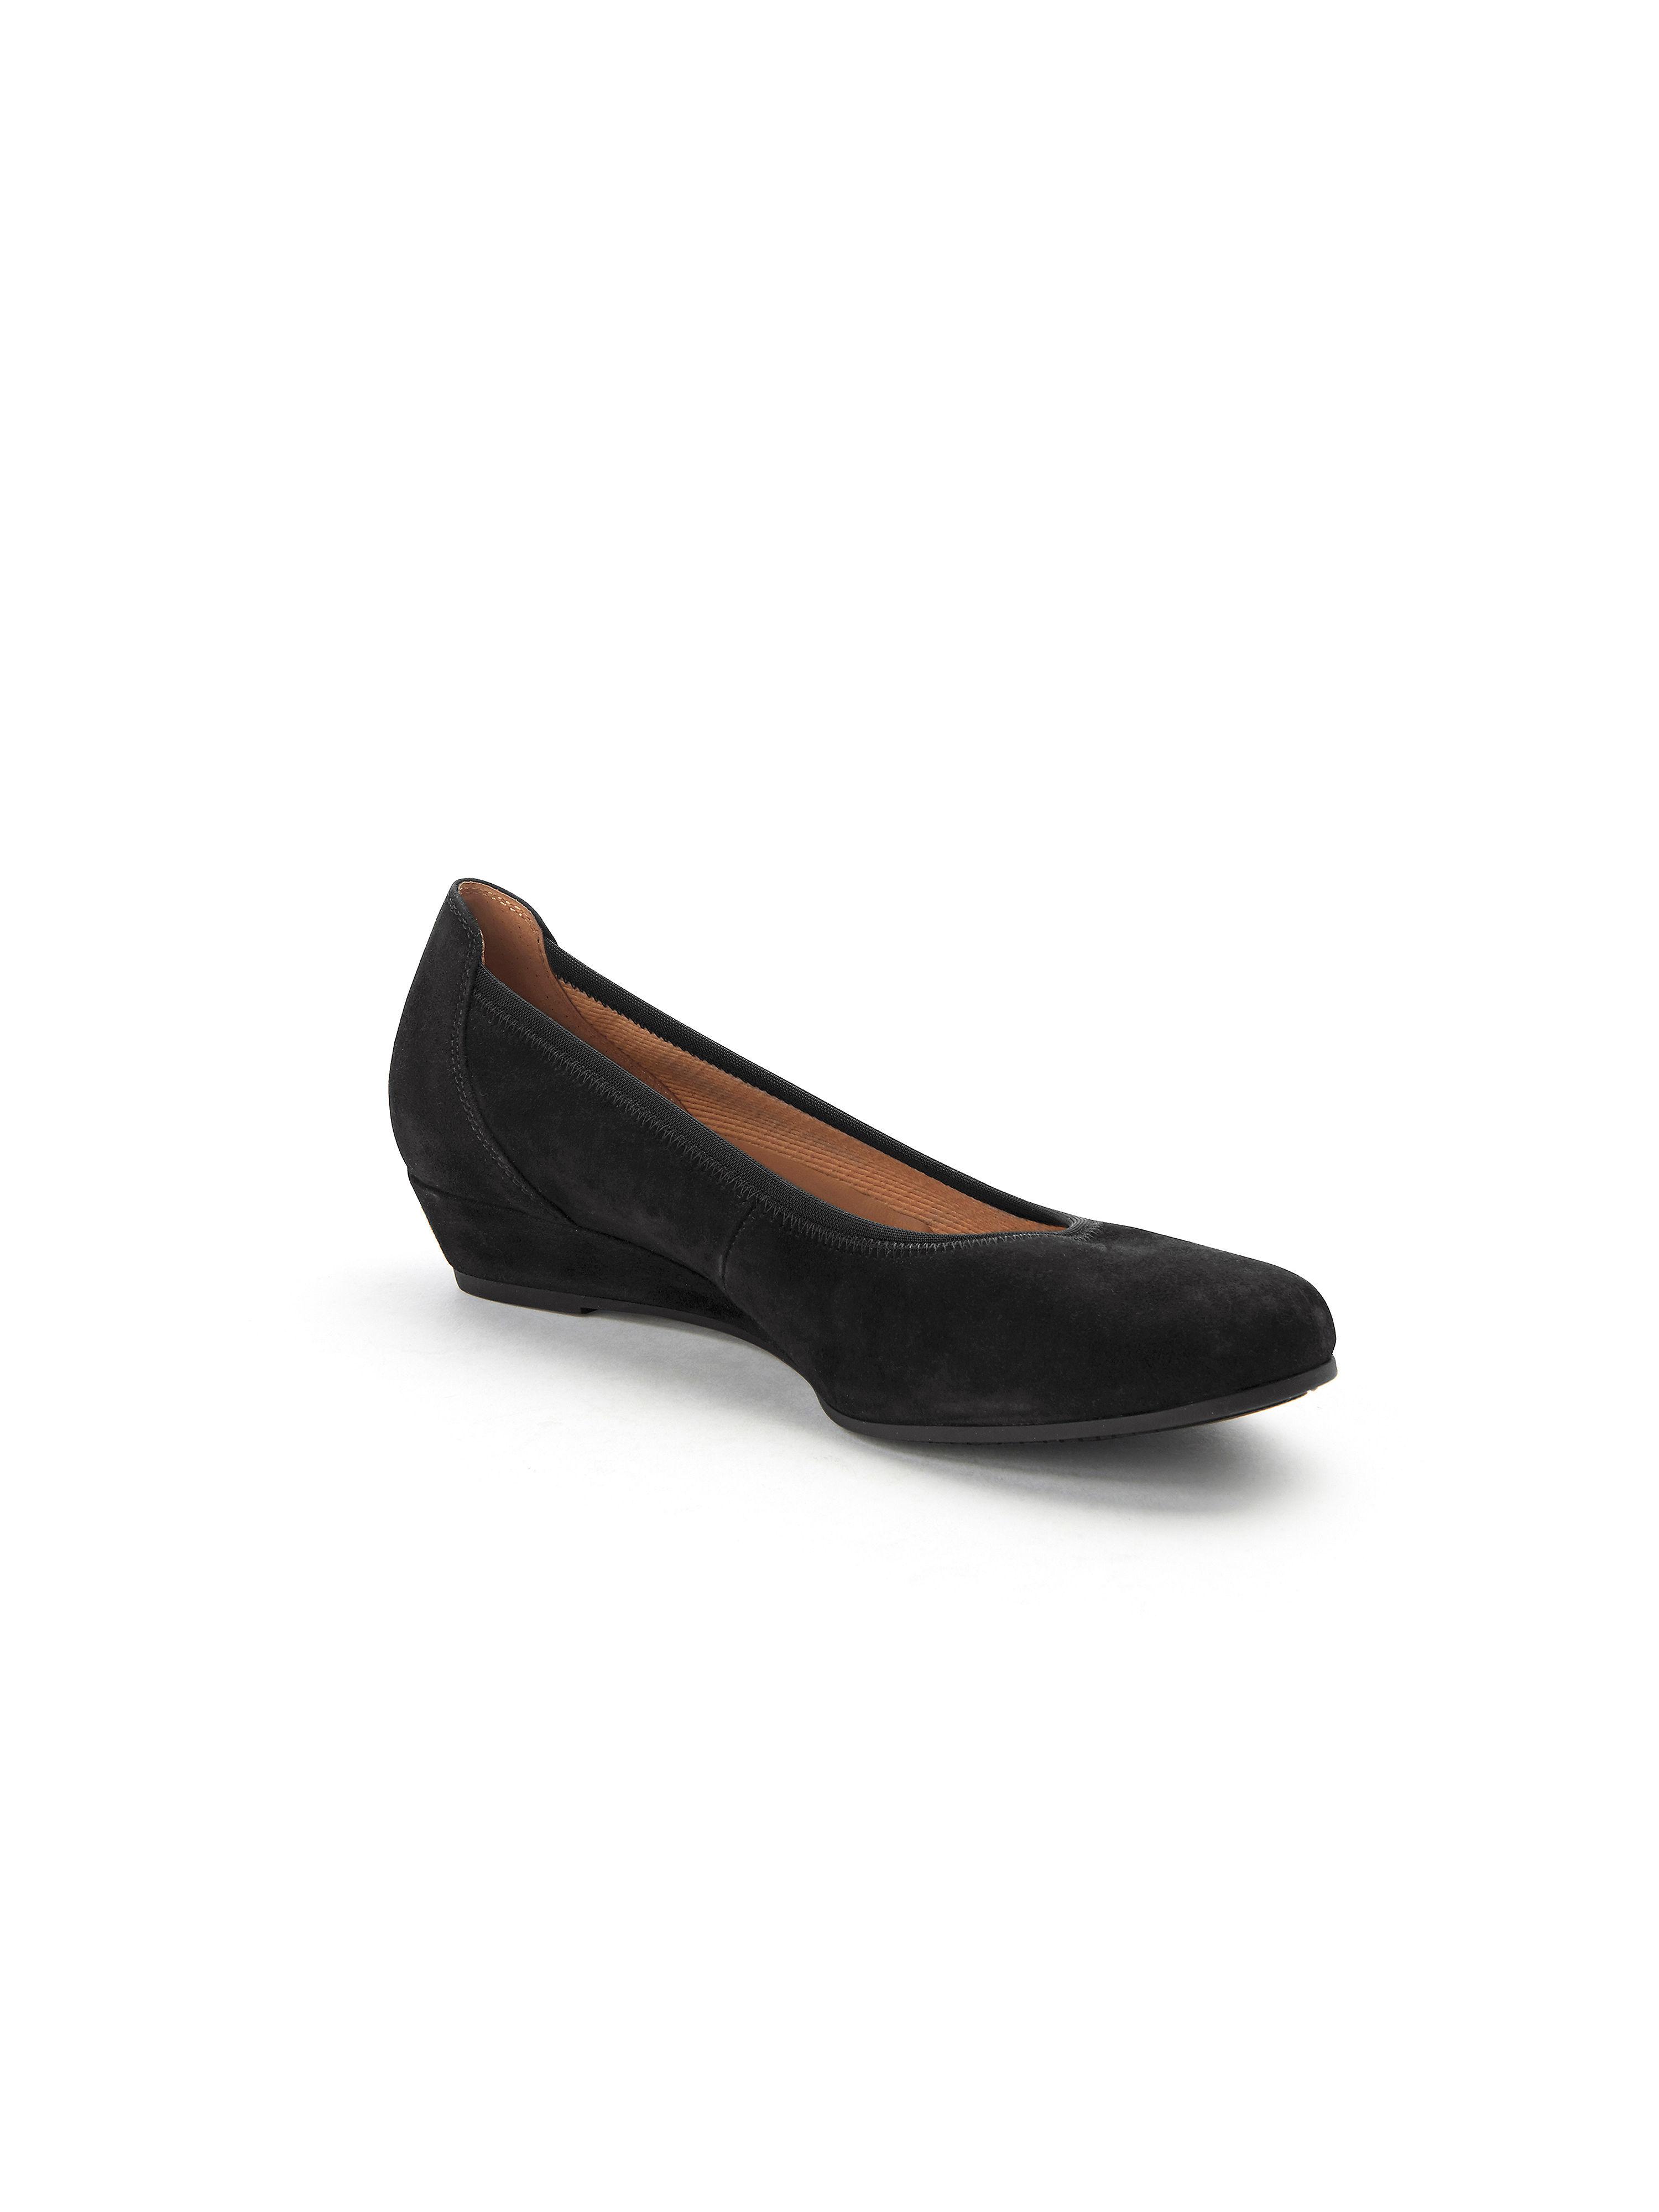 Gabor - Pumps aus 100% Leder - Schwarz Gute Qualität beliebte Schuhe